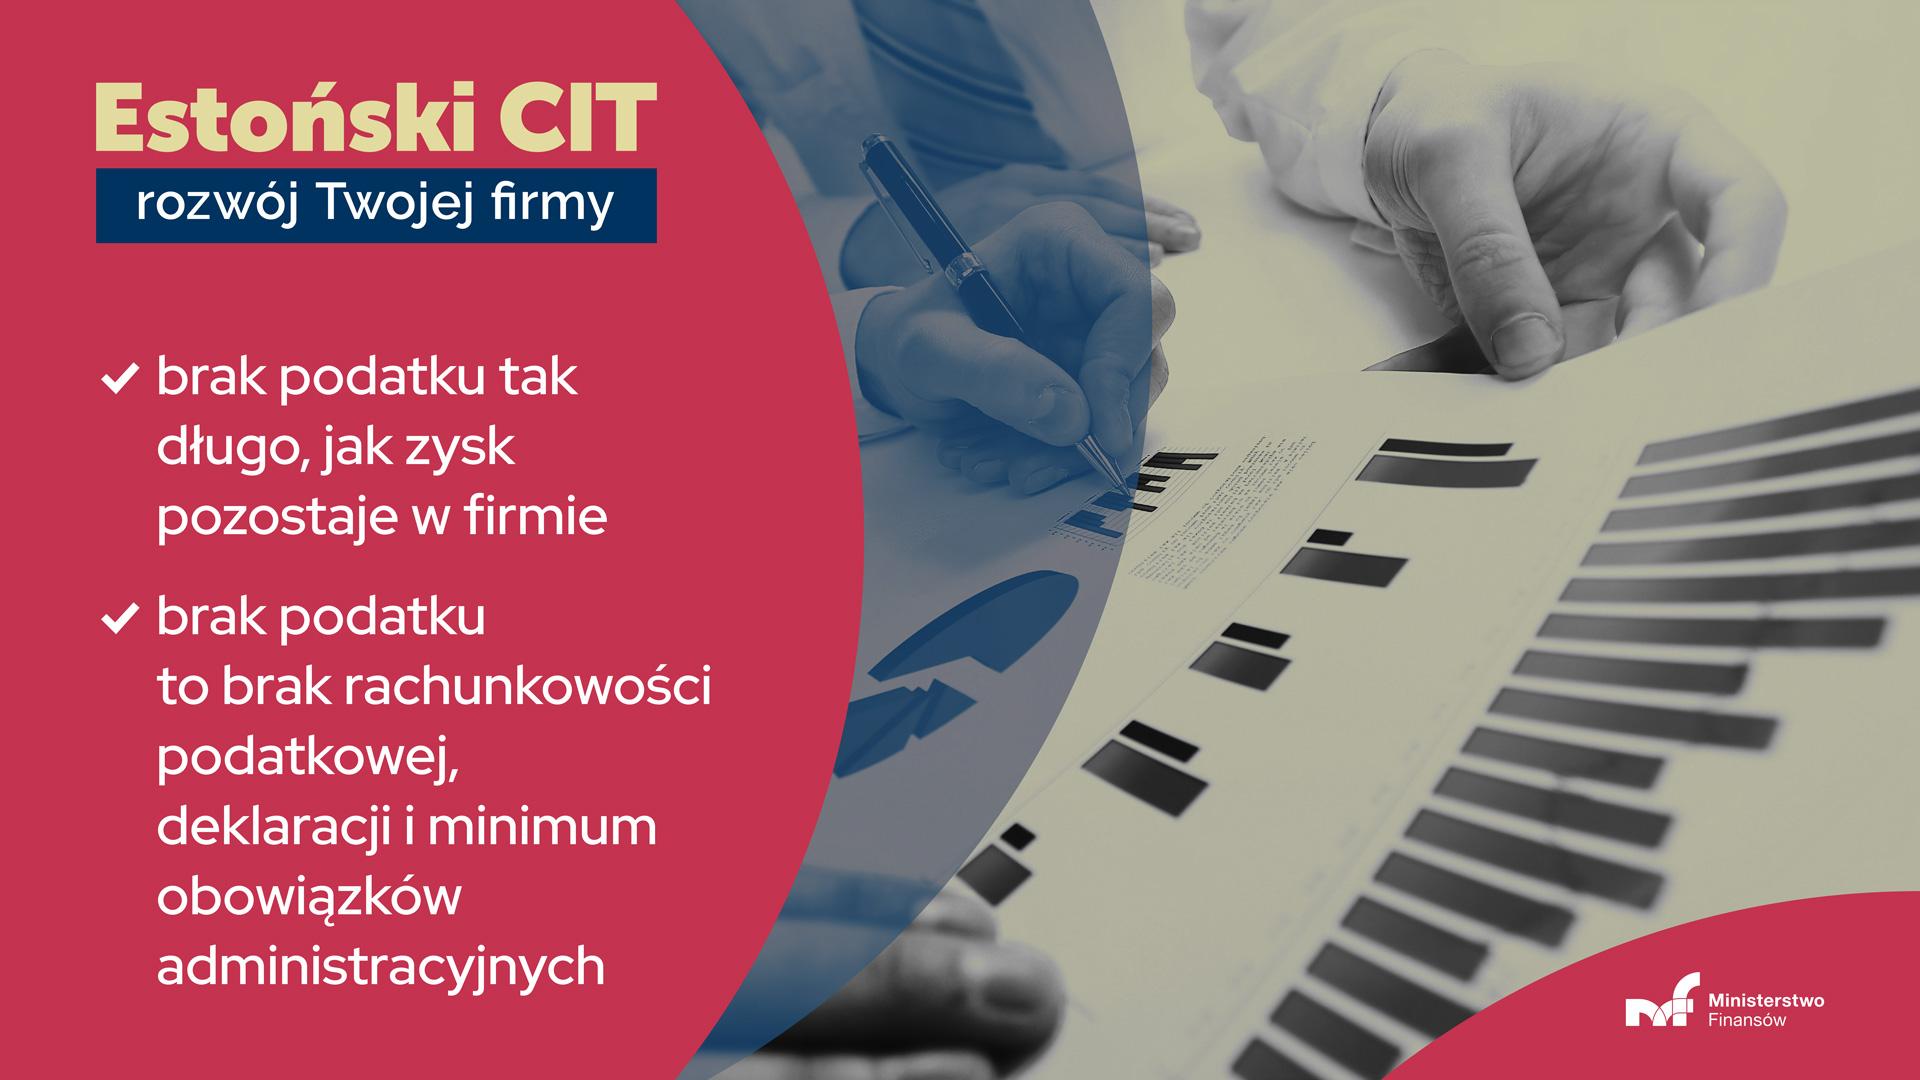 Dłonie na wykresach. Napis - Estoński CIT to: brak podatku tak długo jak zysk pozostaje w firmie; brak podatku, a co za tym idzie brak rachunkowości podatkowej, deklaracji i minimum obowiązków administracyjnych; prostota - podatnik nie musi kalkulować co jest podatkowym kosztem uzyskania przychodu, obliczać odpisów amortyzacyjnych, stosować podatku minimalnego, czy poświęcać czasu i środków na optymalizacje podatkowe.